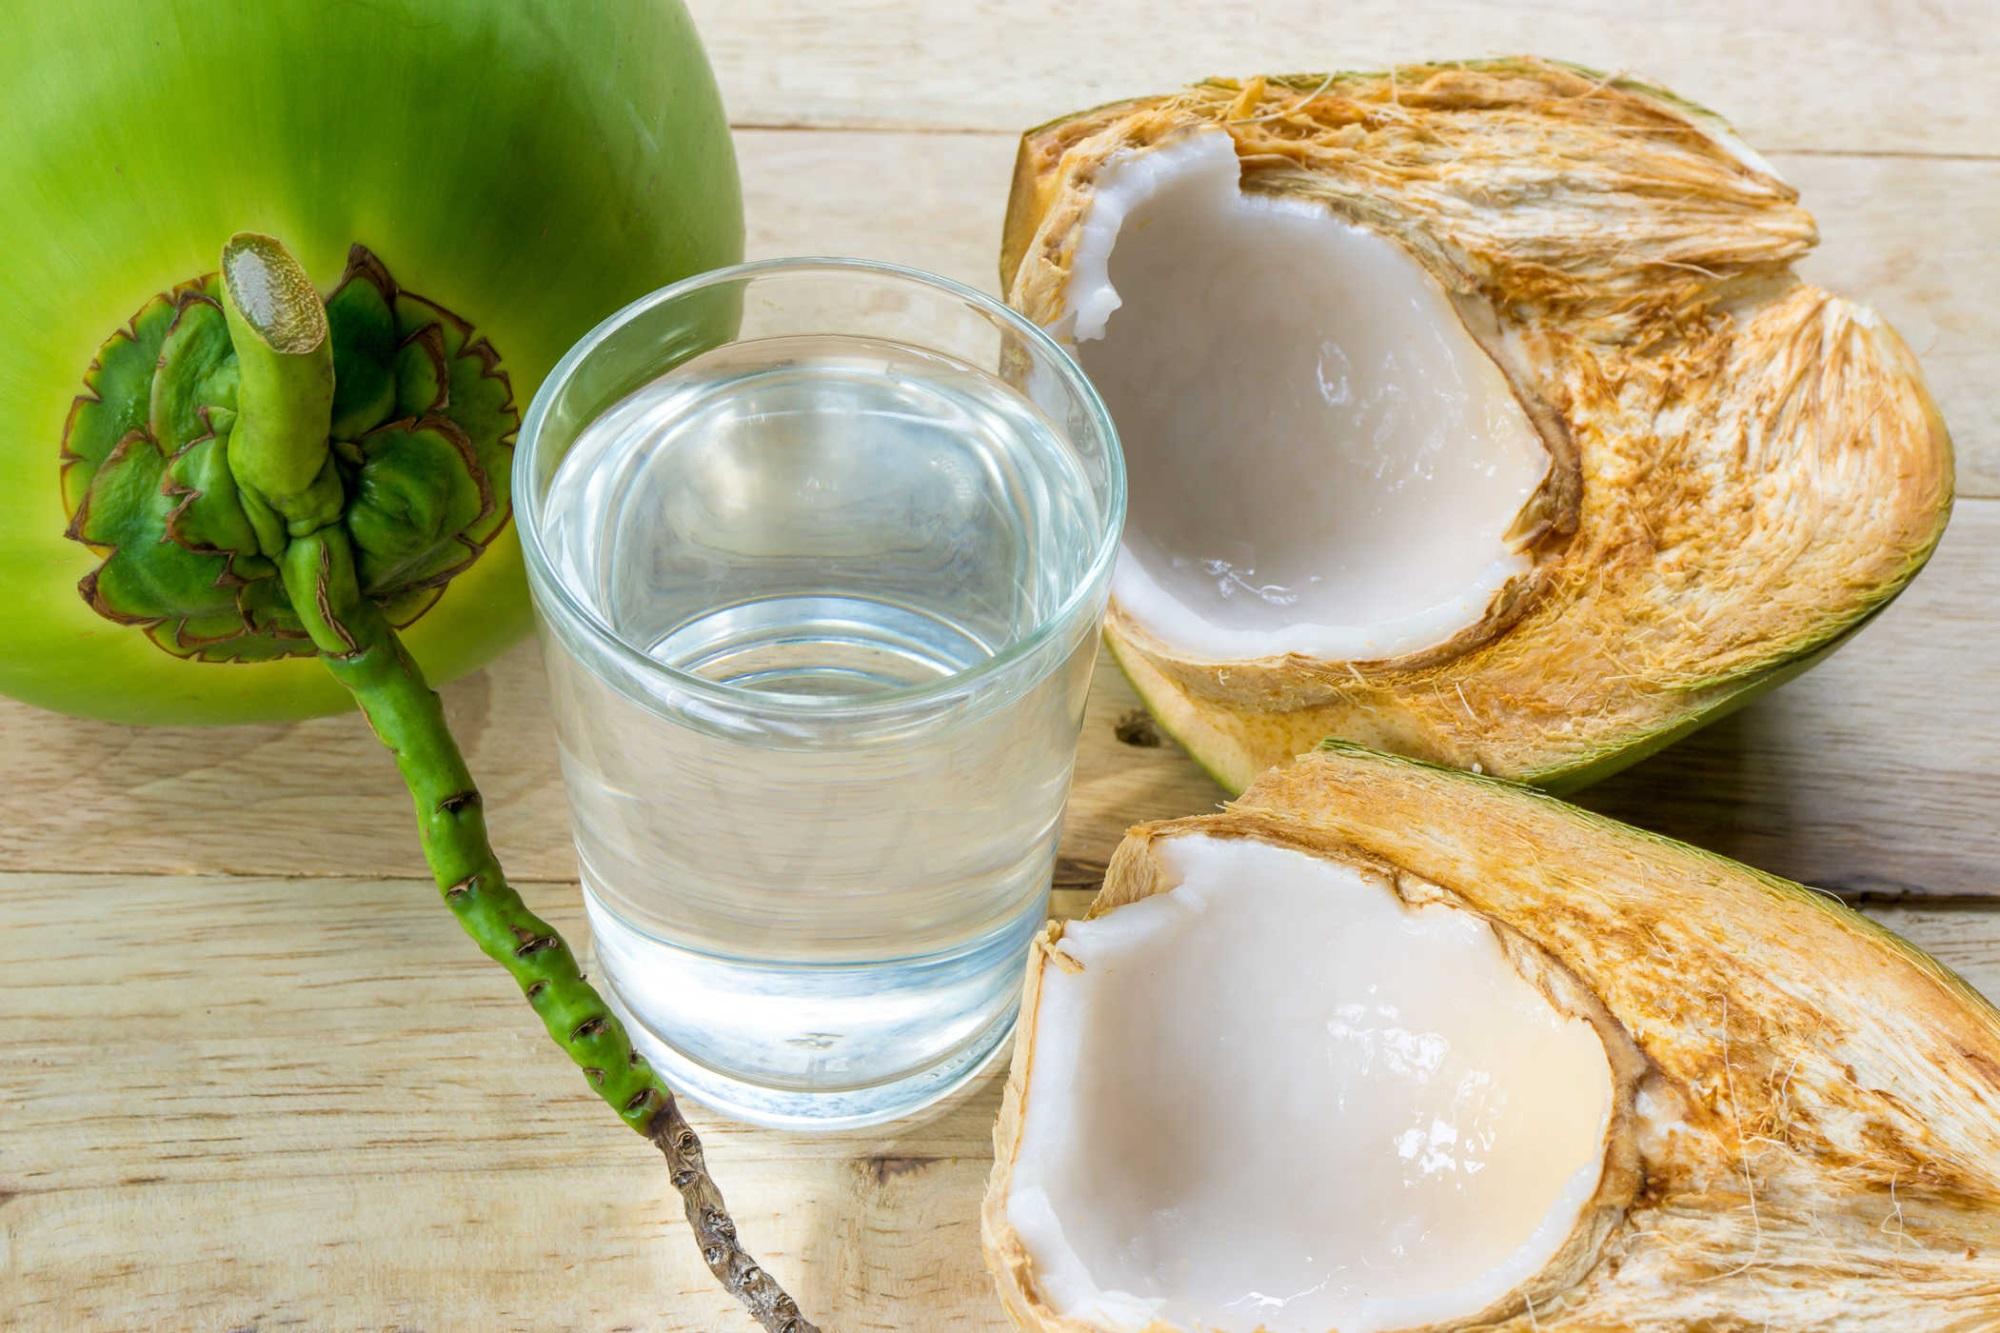 Trộn 3 thứ này với nước để uống tốt gấp vạn lần viên collagen, da trắng mịn chỉ sau vài ngày - Ảnh 1